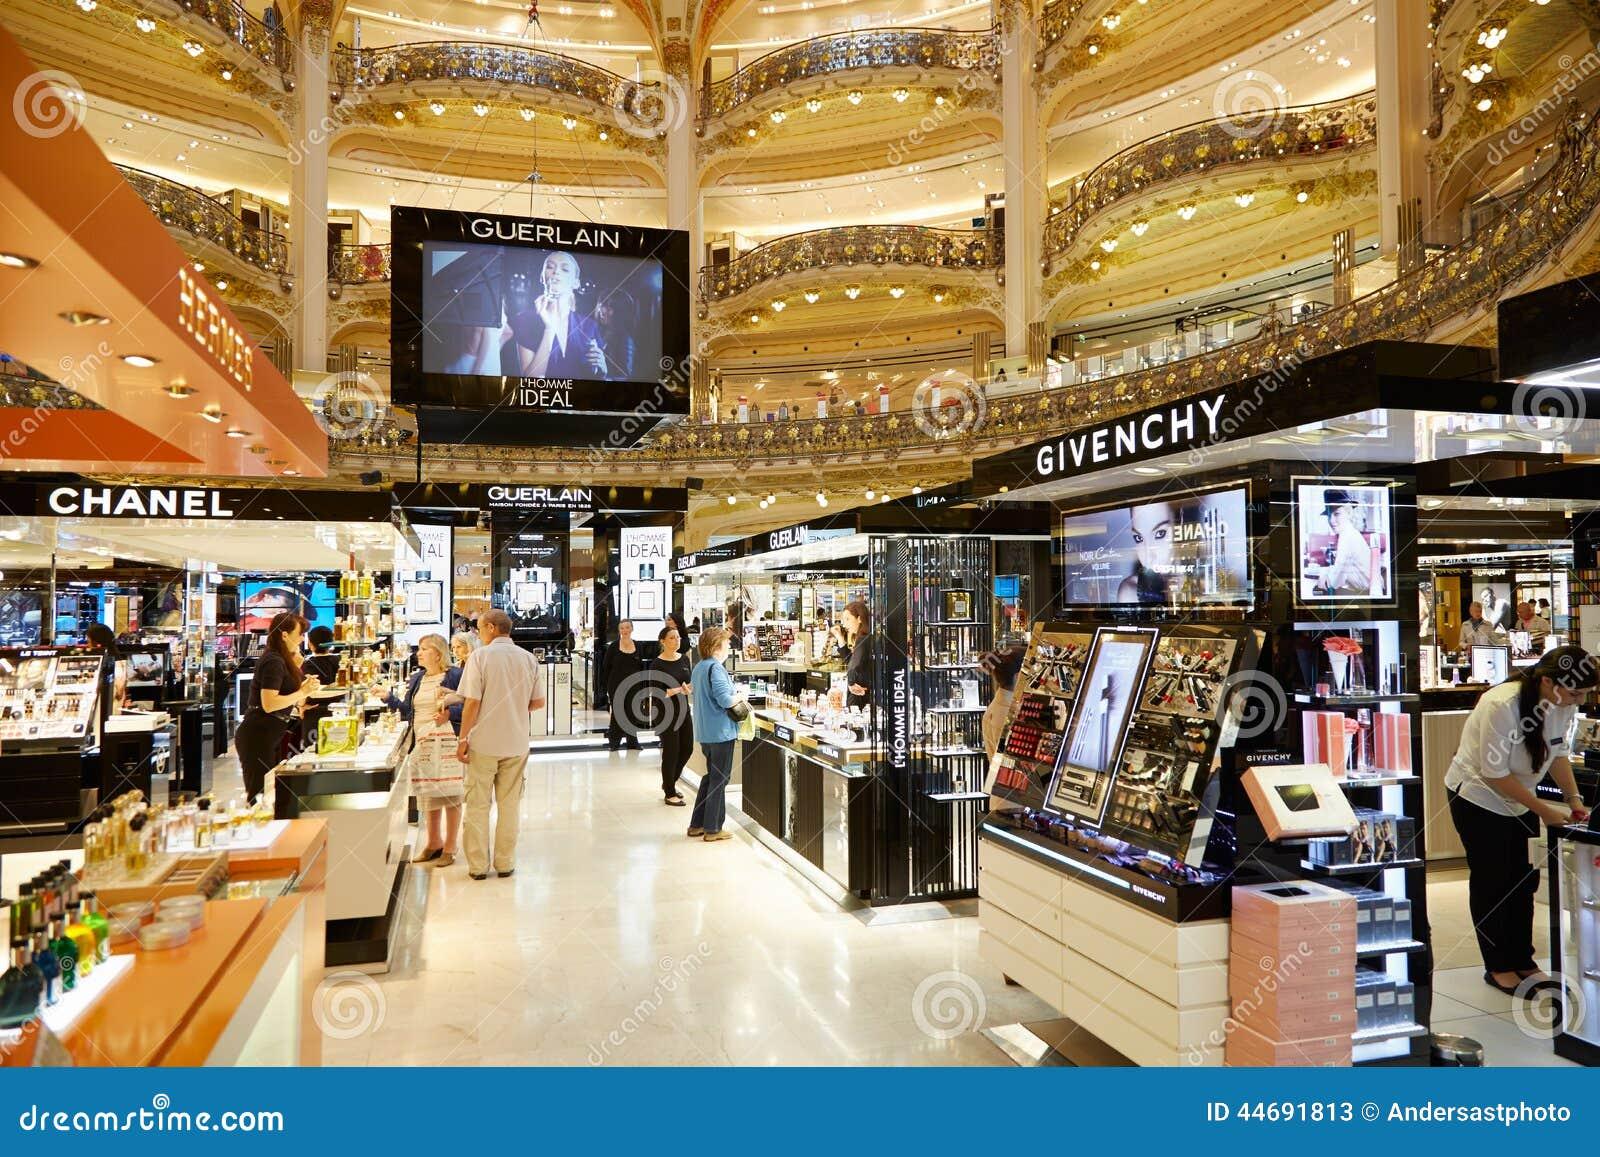 Galeries lafayette interior in paris editorial stock photo image 44691813 - Comptoir des cotonniers paris stores ...